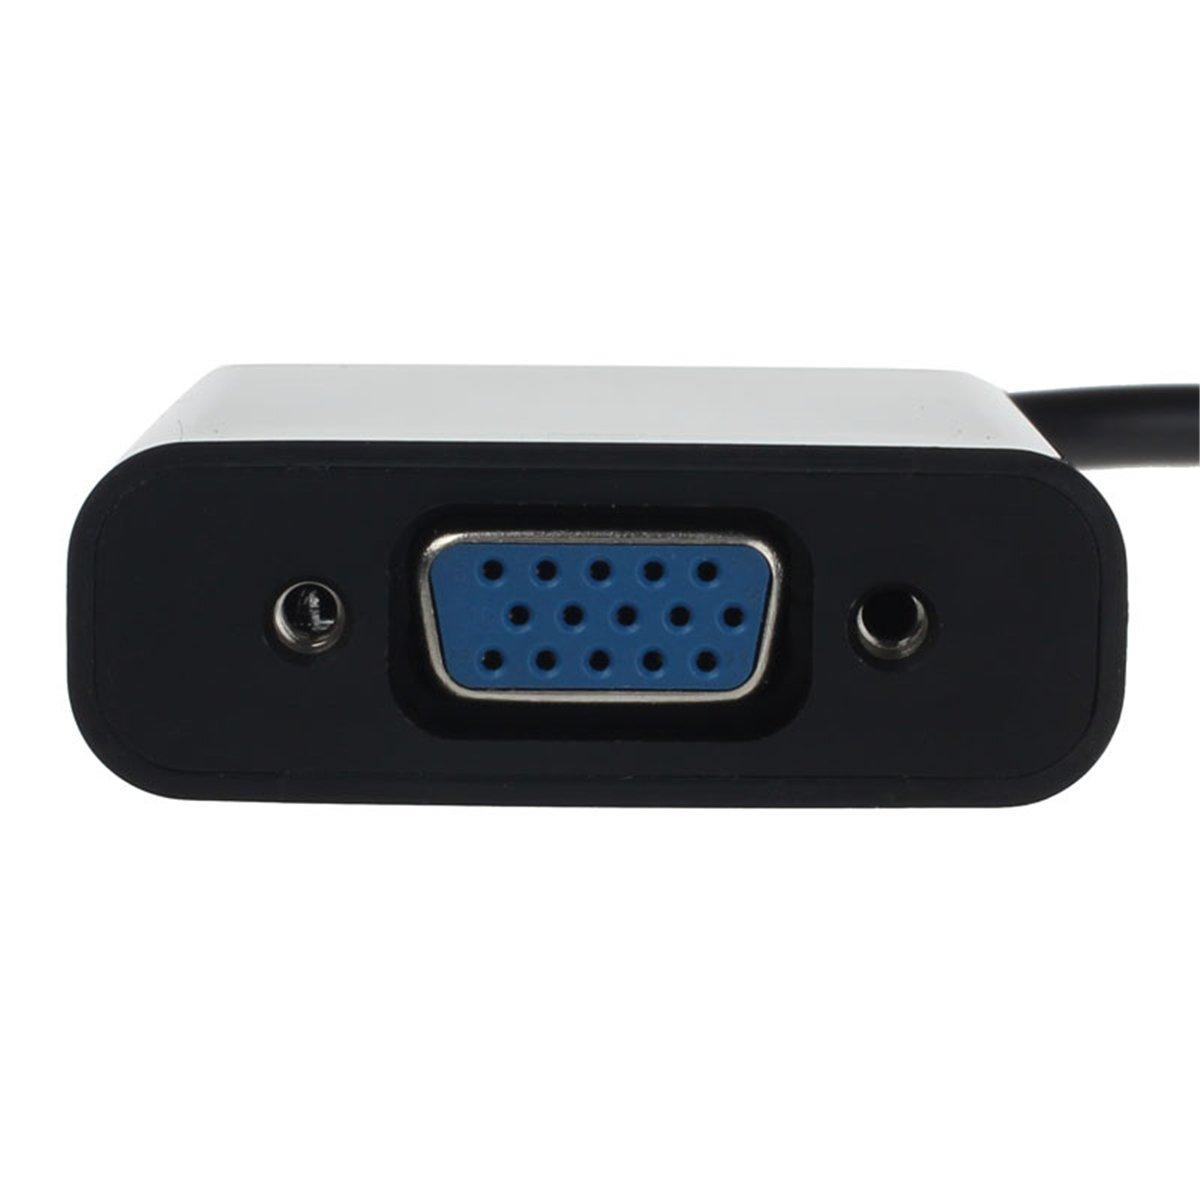 Micro HDMI a VGM Compatible con Sistemas Múltiples Negro de Soporta Resolución de Salida VGA a Adaptador Mini HDMI a VGA a Computadores Portátiles Ultrabooks